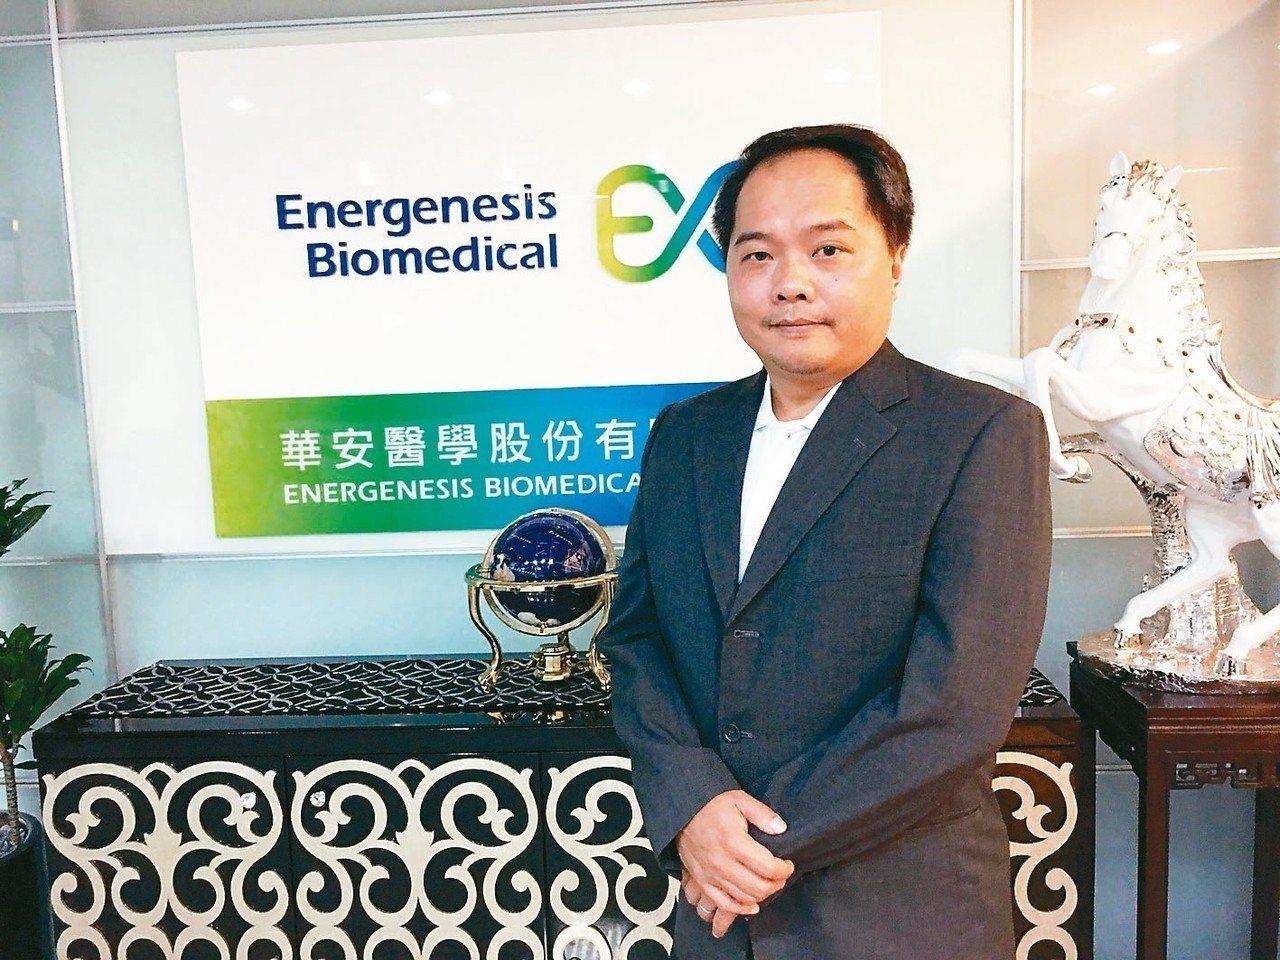 華安醫學總經理陳翰民,看好生技產業後市。 華安醫學/提供